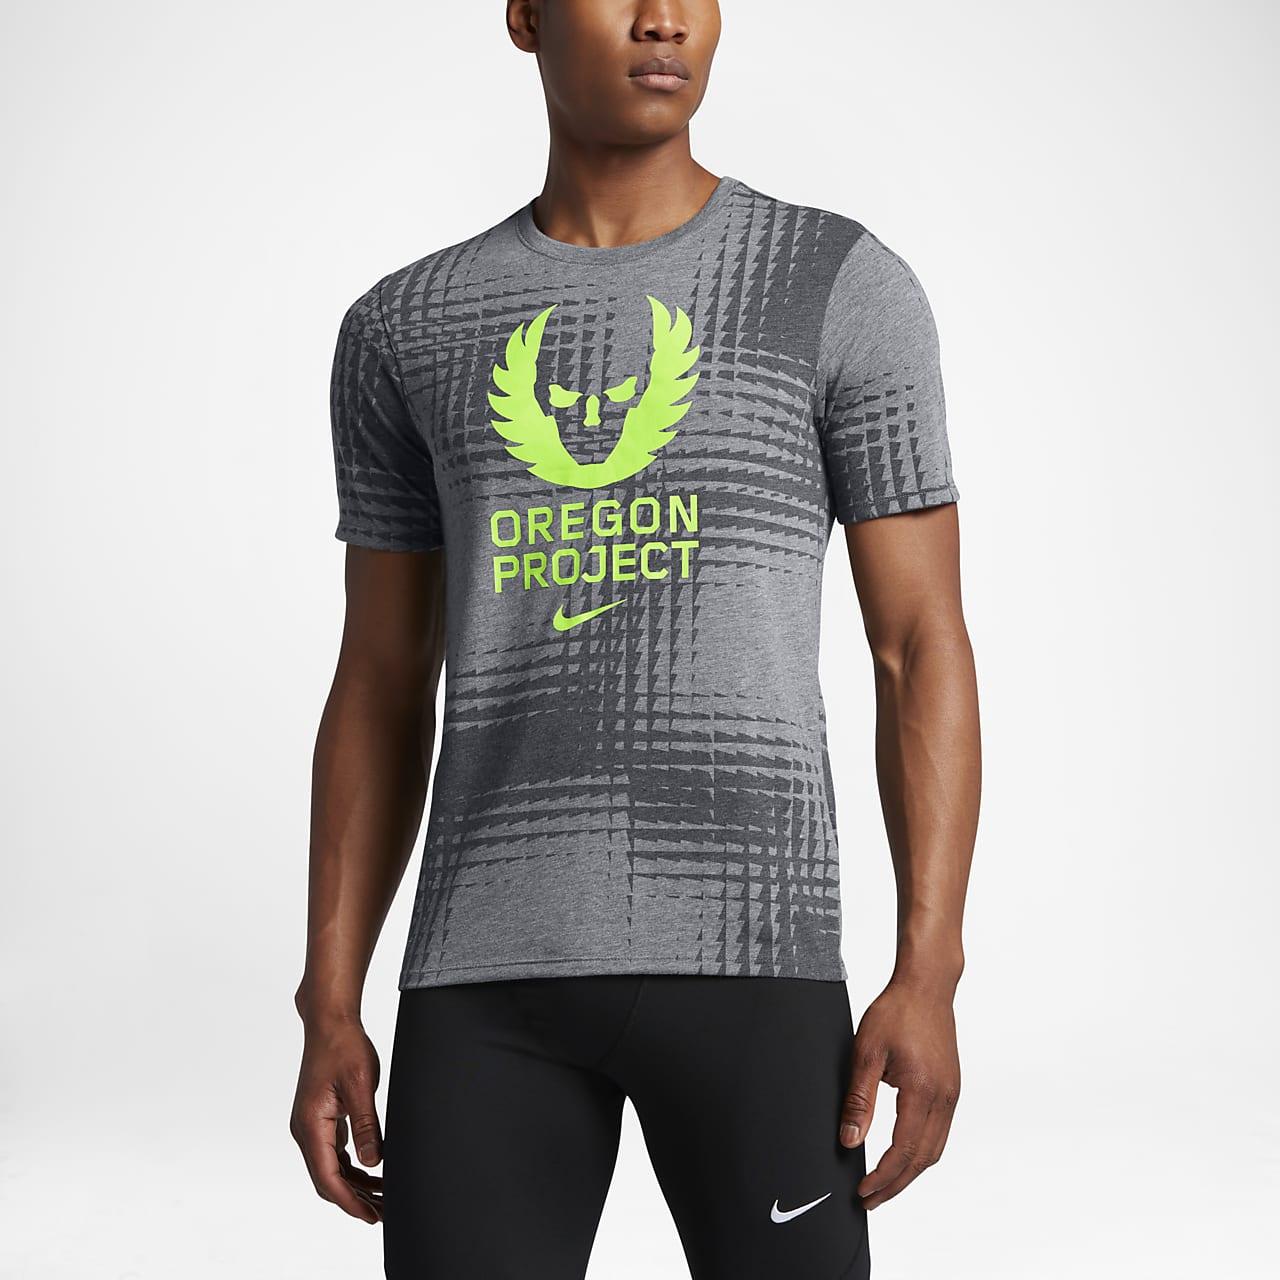 Pais de Ciudadania Benigno Más que nada  Nike Dry 'Oregon Project' Men's Running T-Shirt. Nike AU